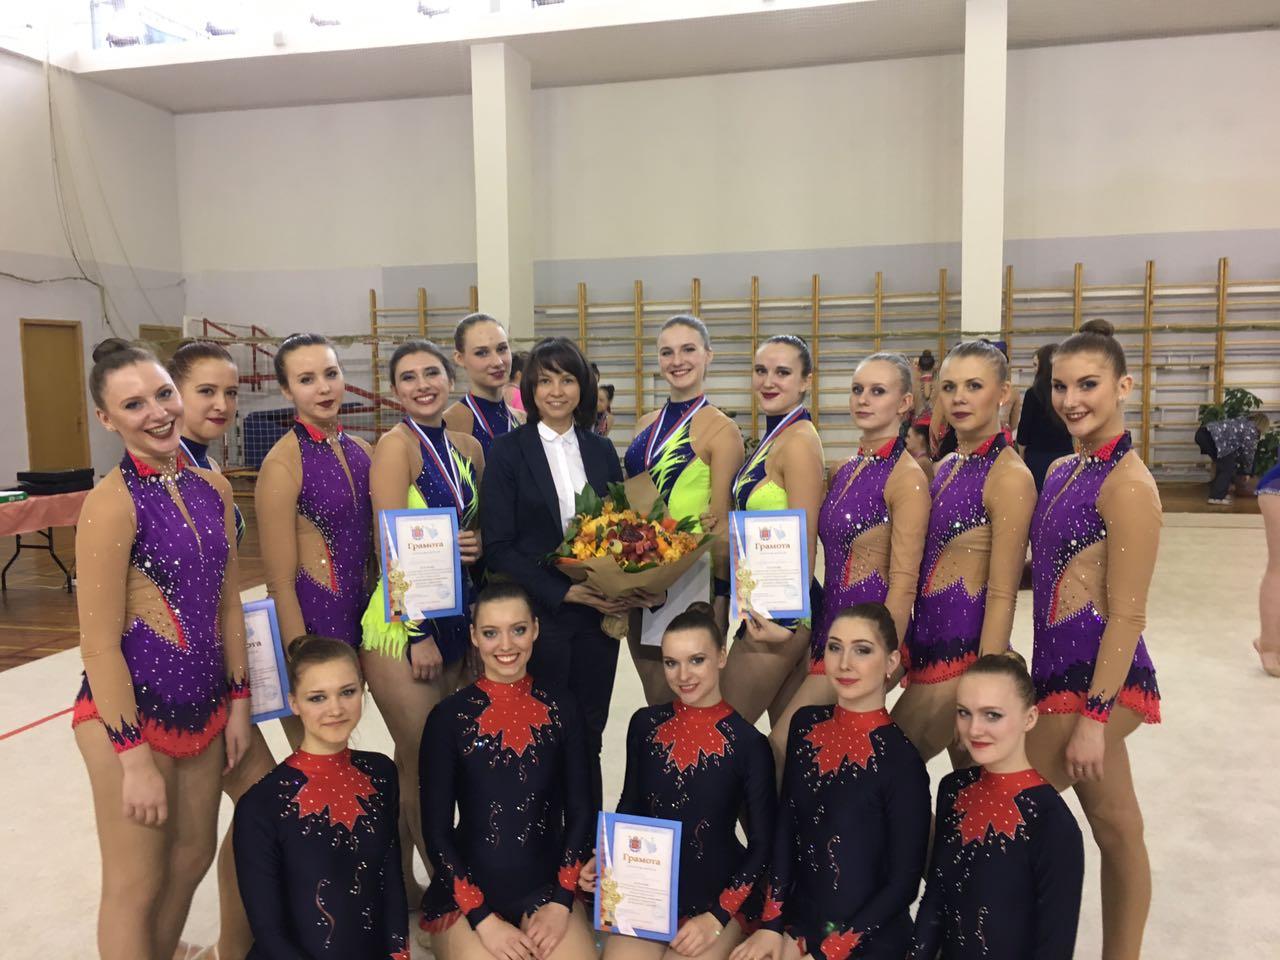 Гимнастки ИПМЭиТ стали призерами чемпионата Санкт-Петербурга по художественной гимнастике среди вузов